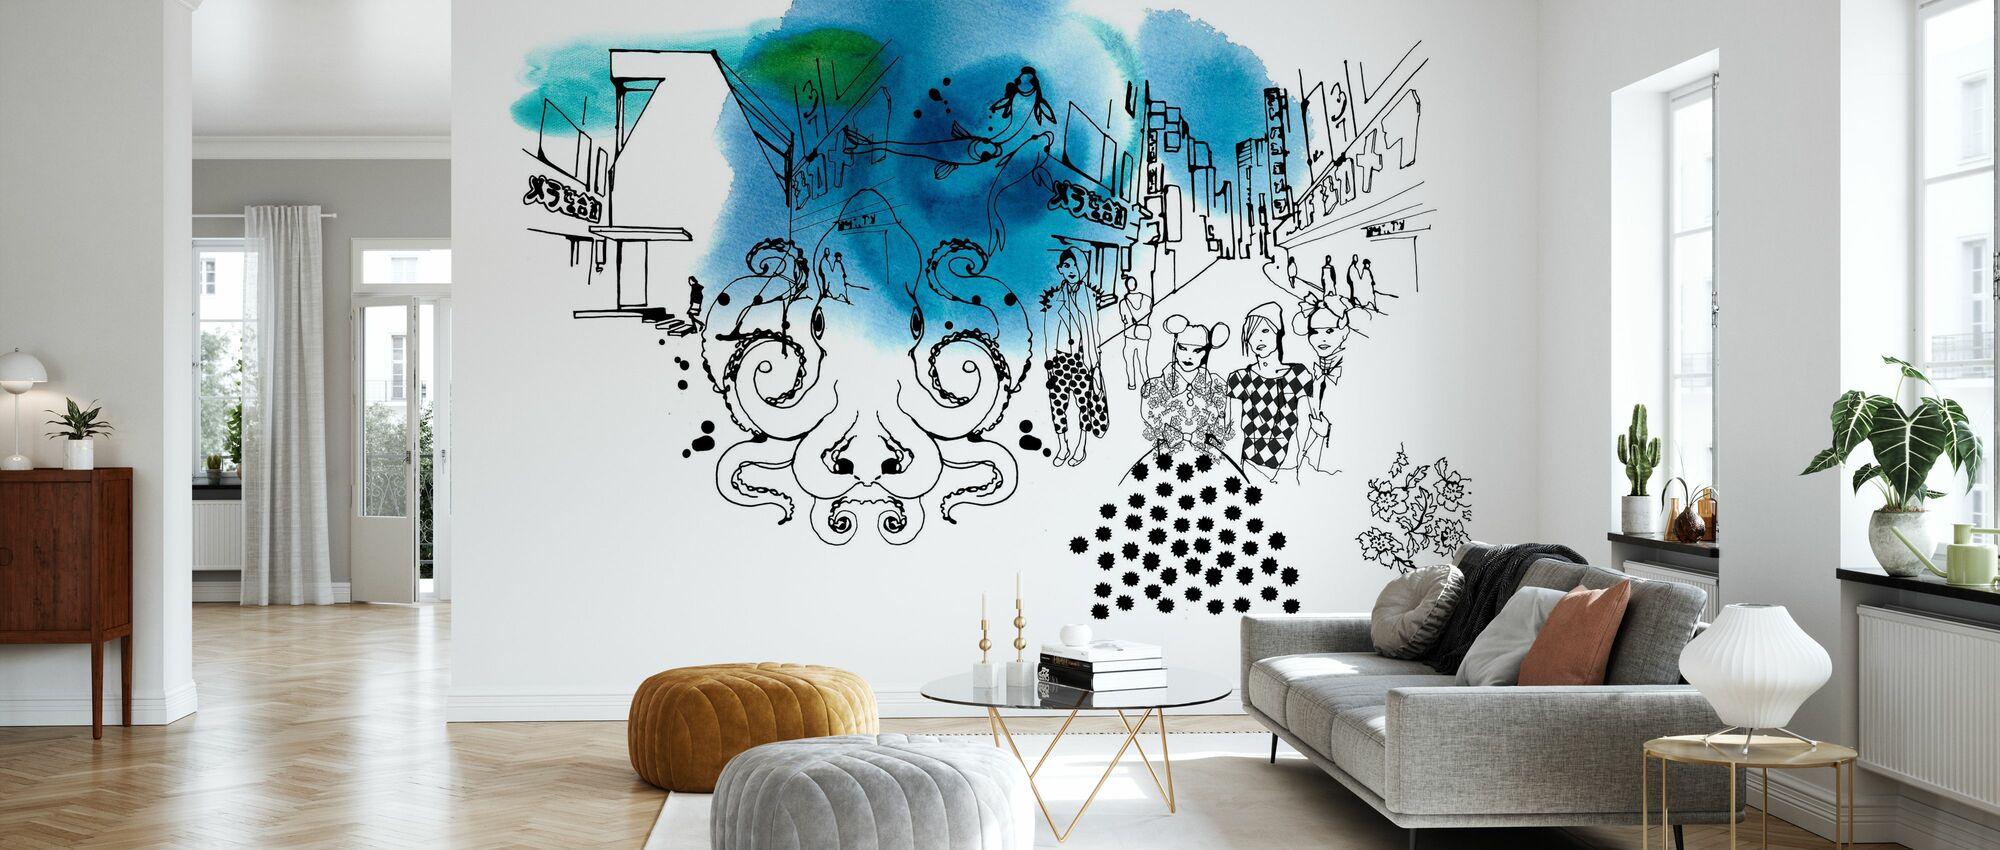 Tokyo II - Wallpaper - Living Room